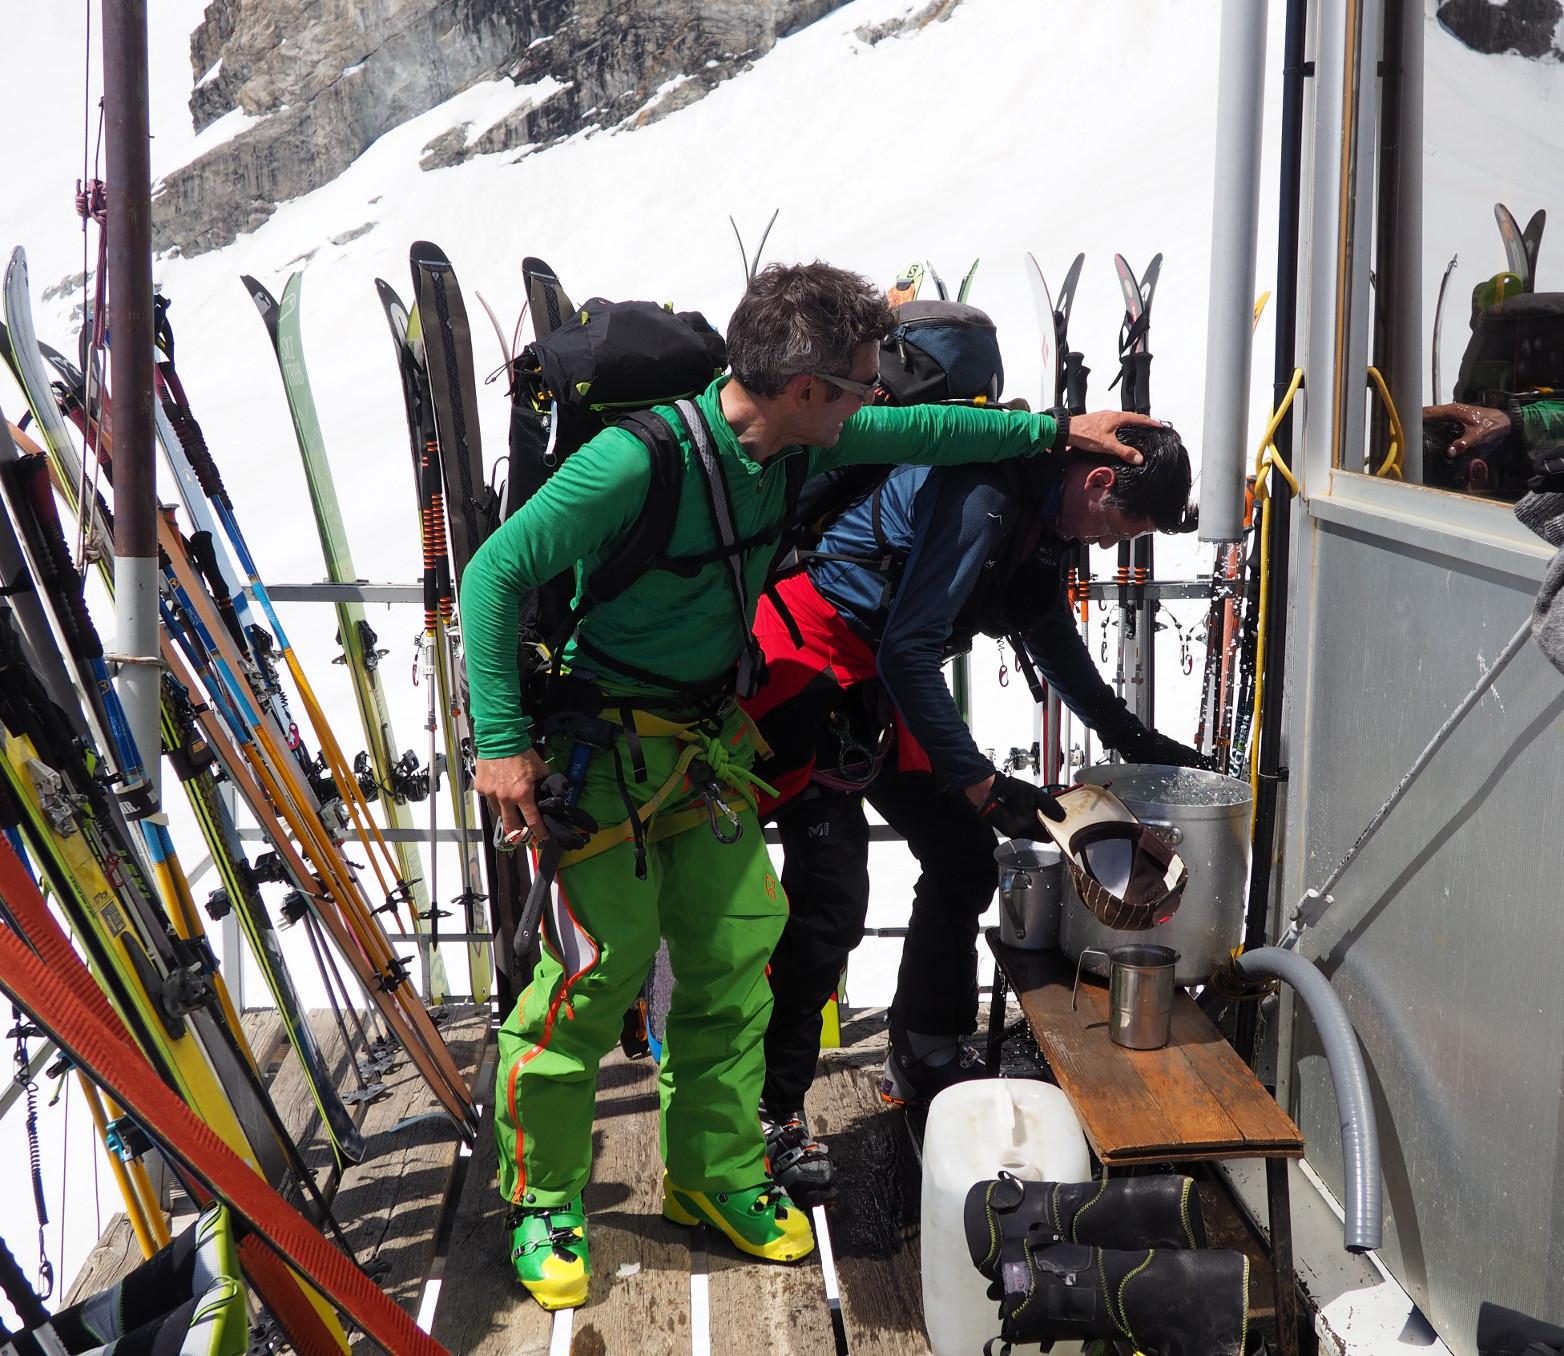 Après un emontée bien chaude jusqu'au refuge les skieurs de rando jouent... avec les gamelles d'eau ! (ça tombe bien on n'en manque pas en ce moment !)